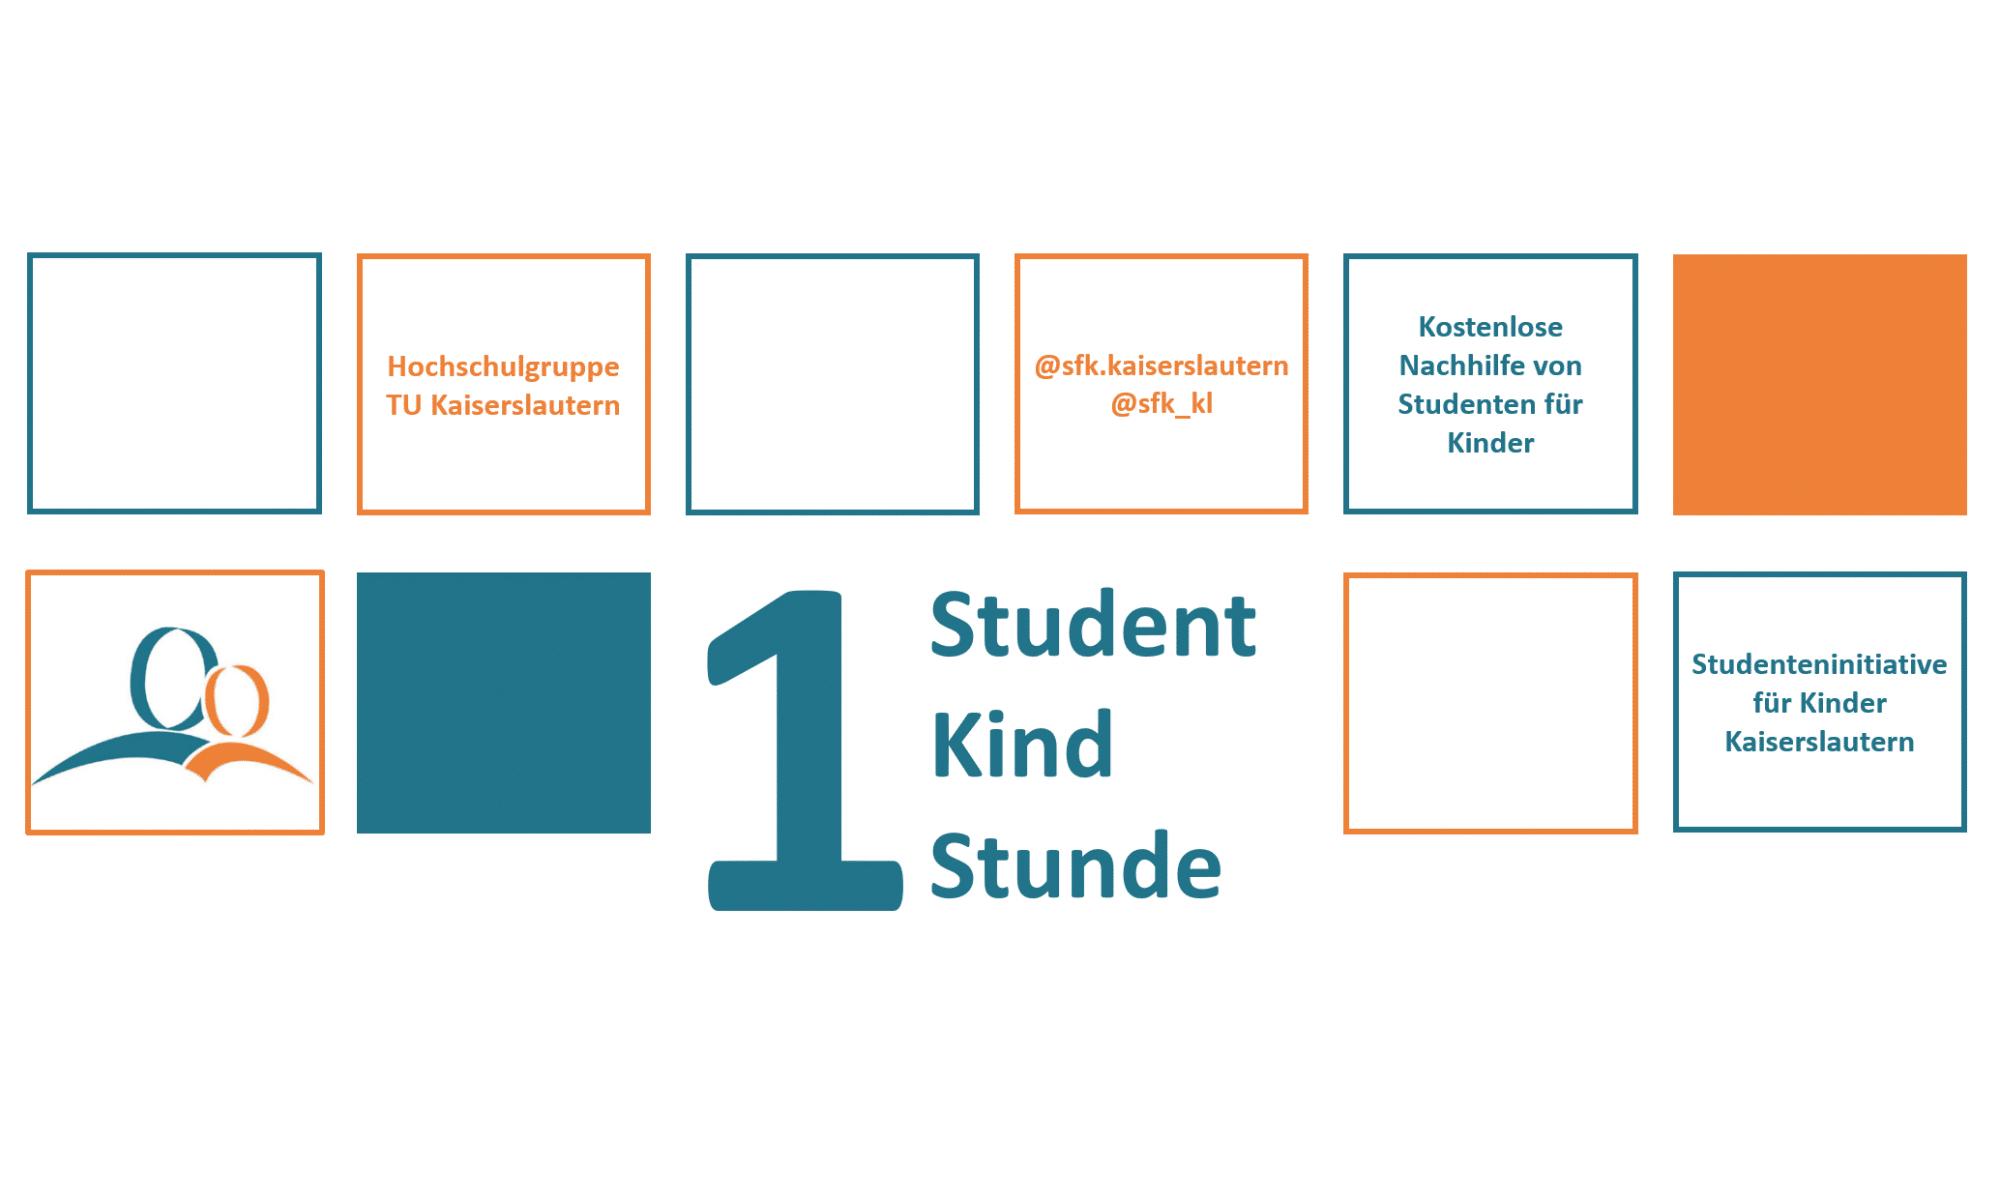 Studenteninitiative für Kinder - Kaiserslautern